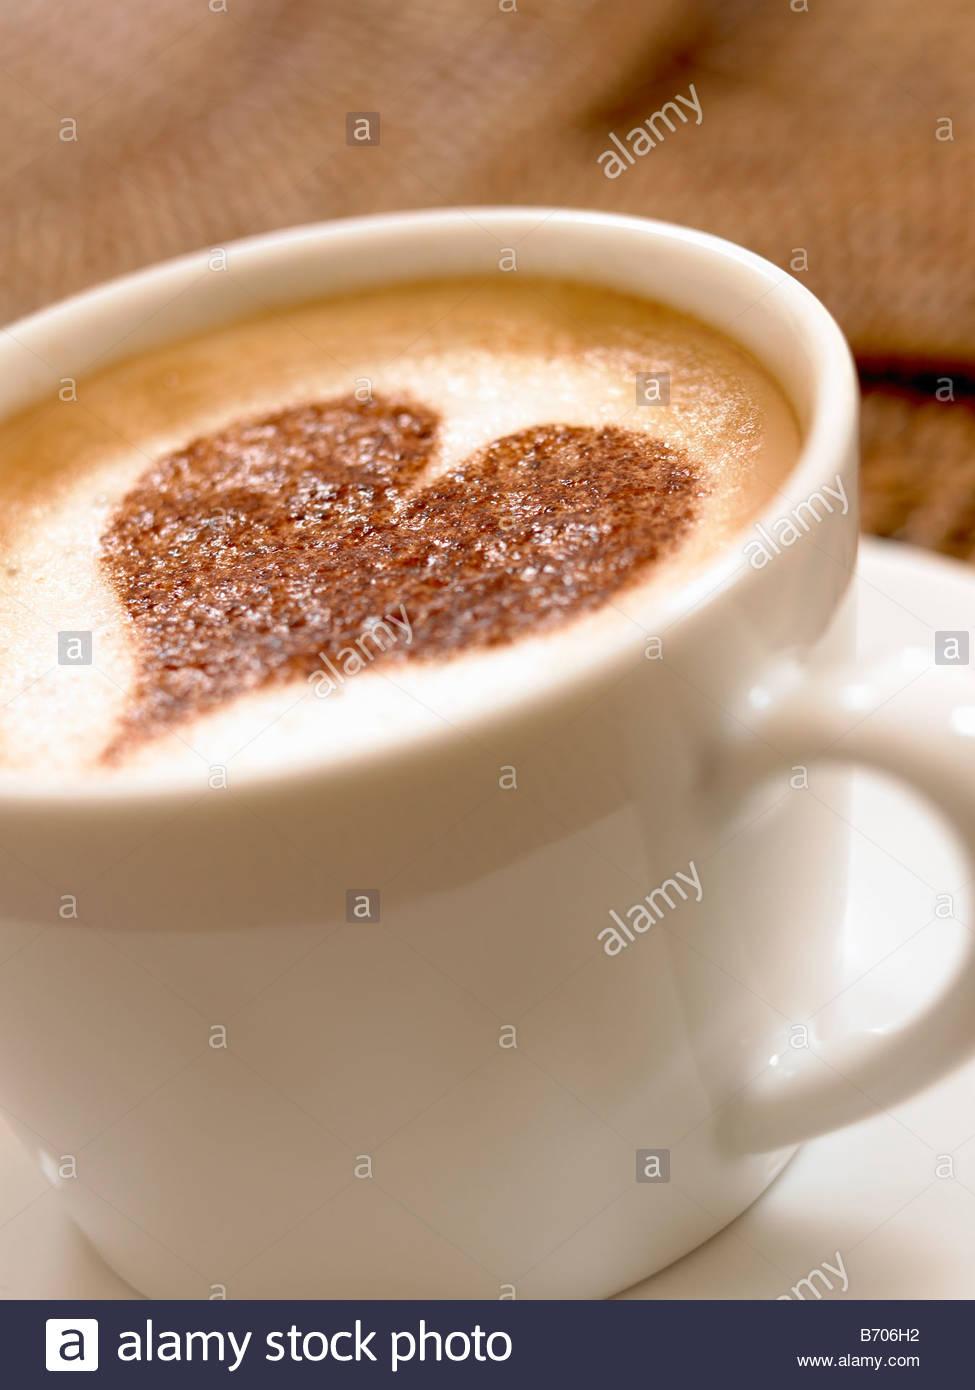 Forma de corazón decoración de espuma en la taza de café Imagen De Stock